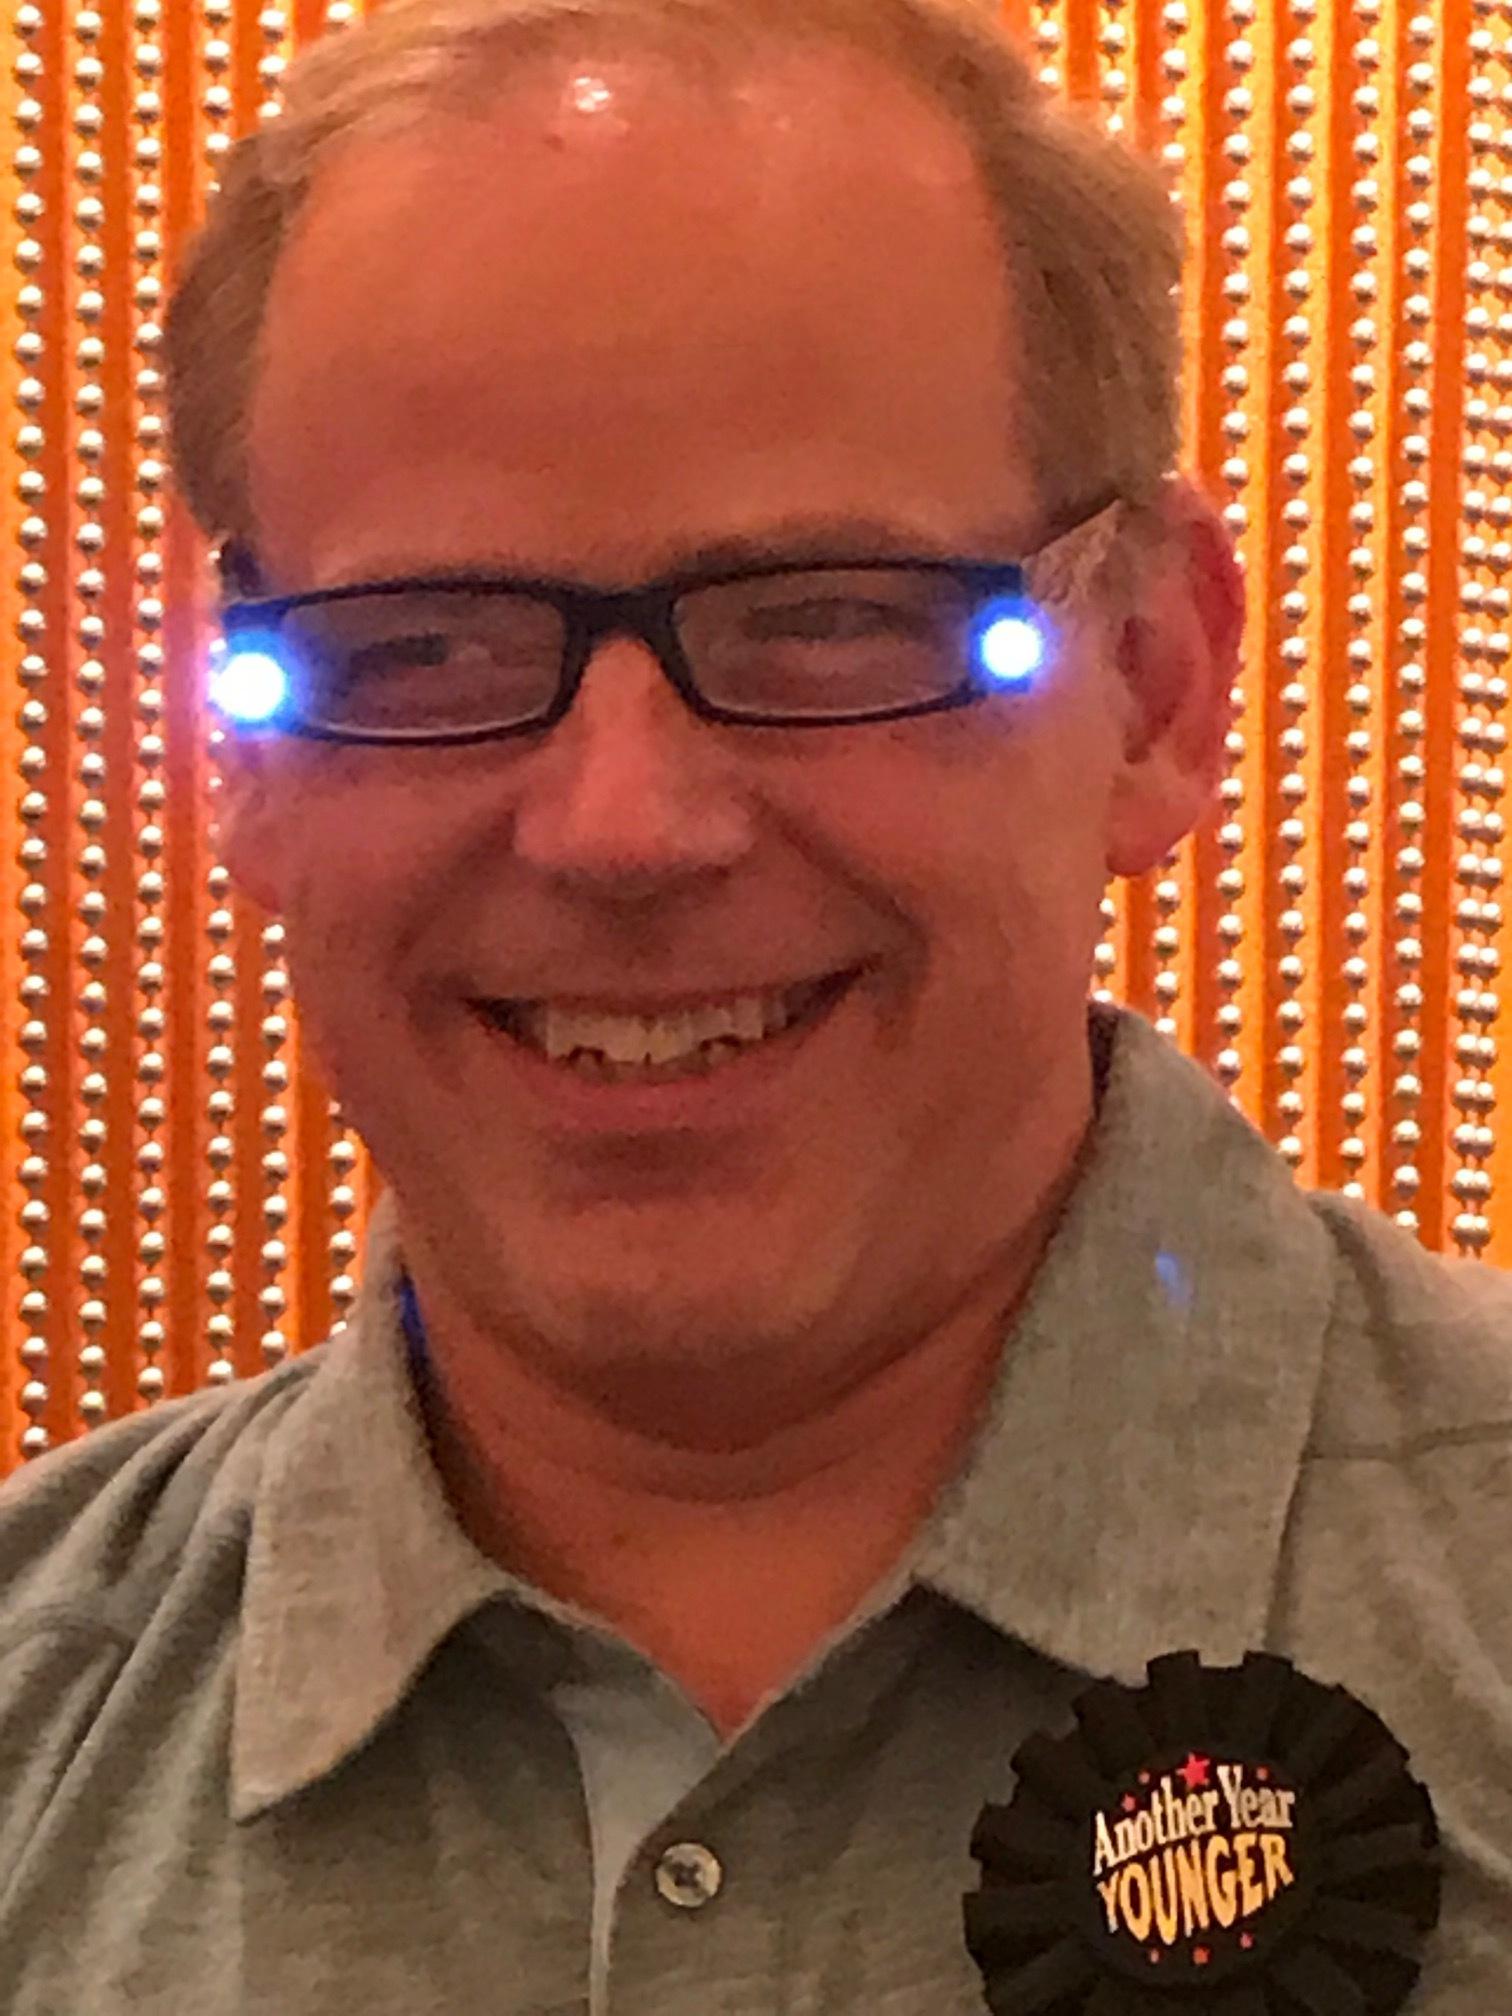 Dereks bday glasses